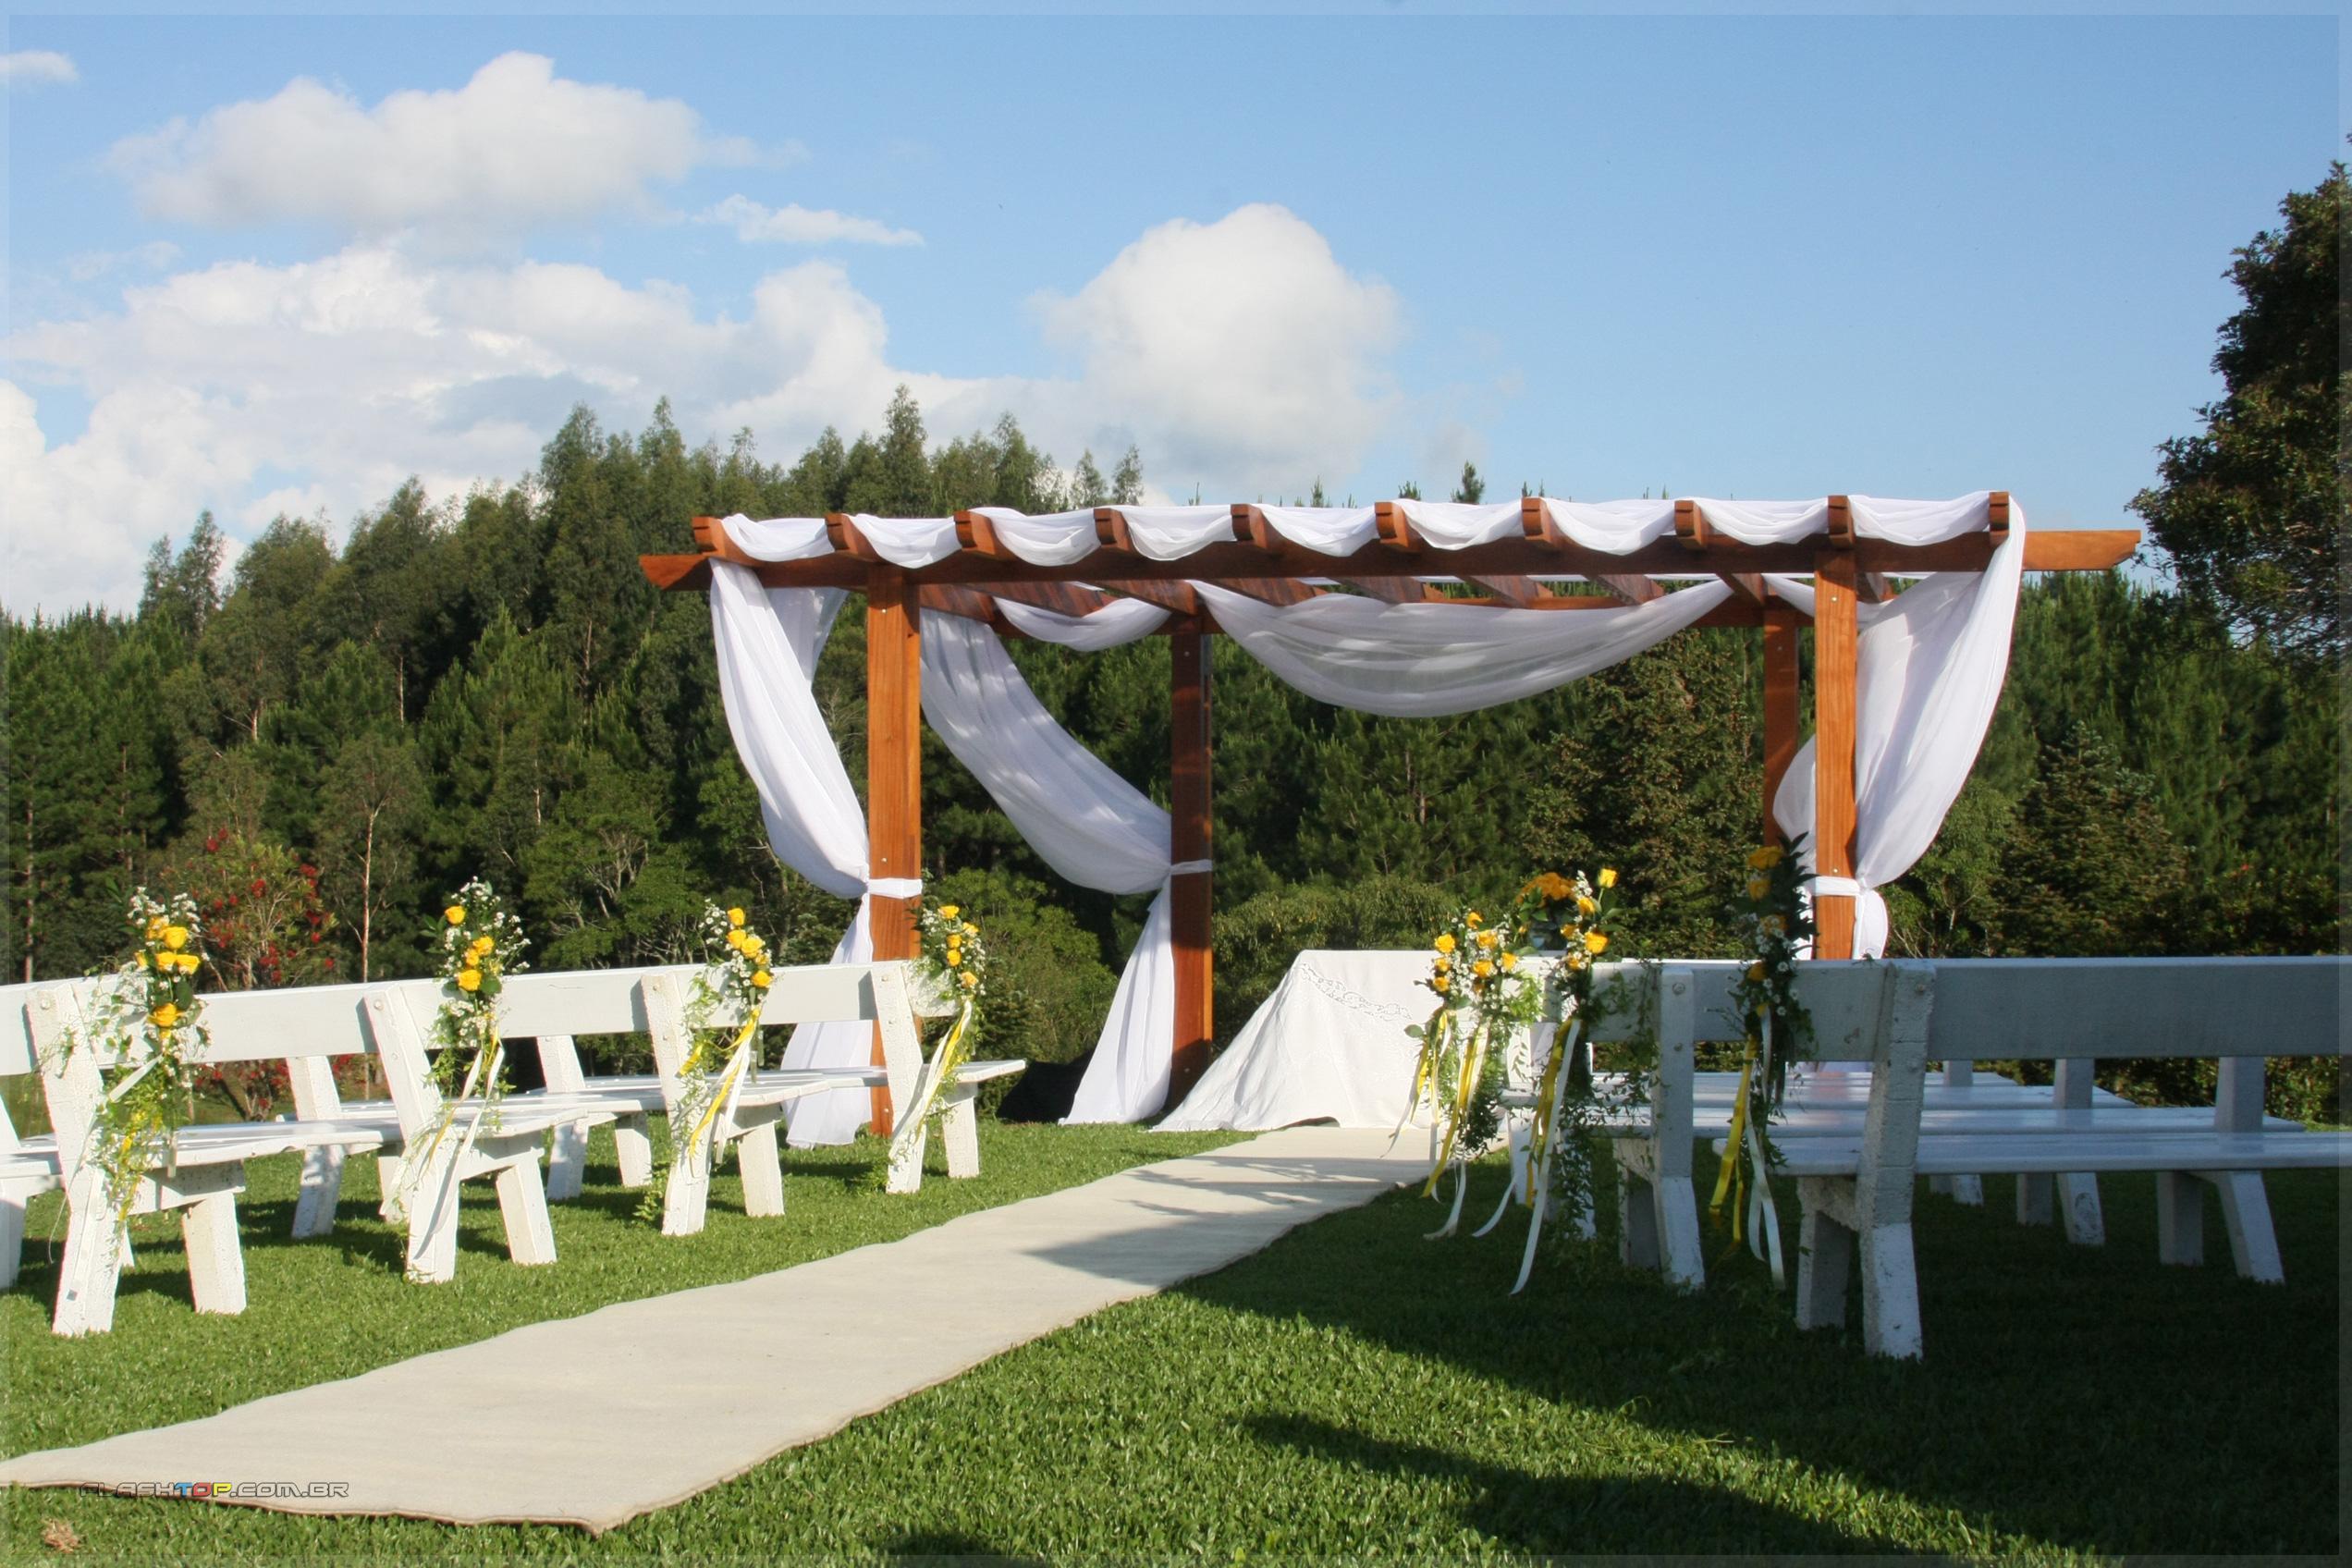 casamento simples no campo com bancos, flores amarelas e panos branco